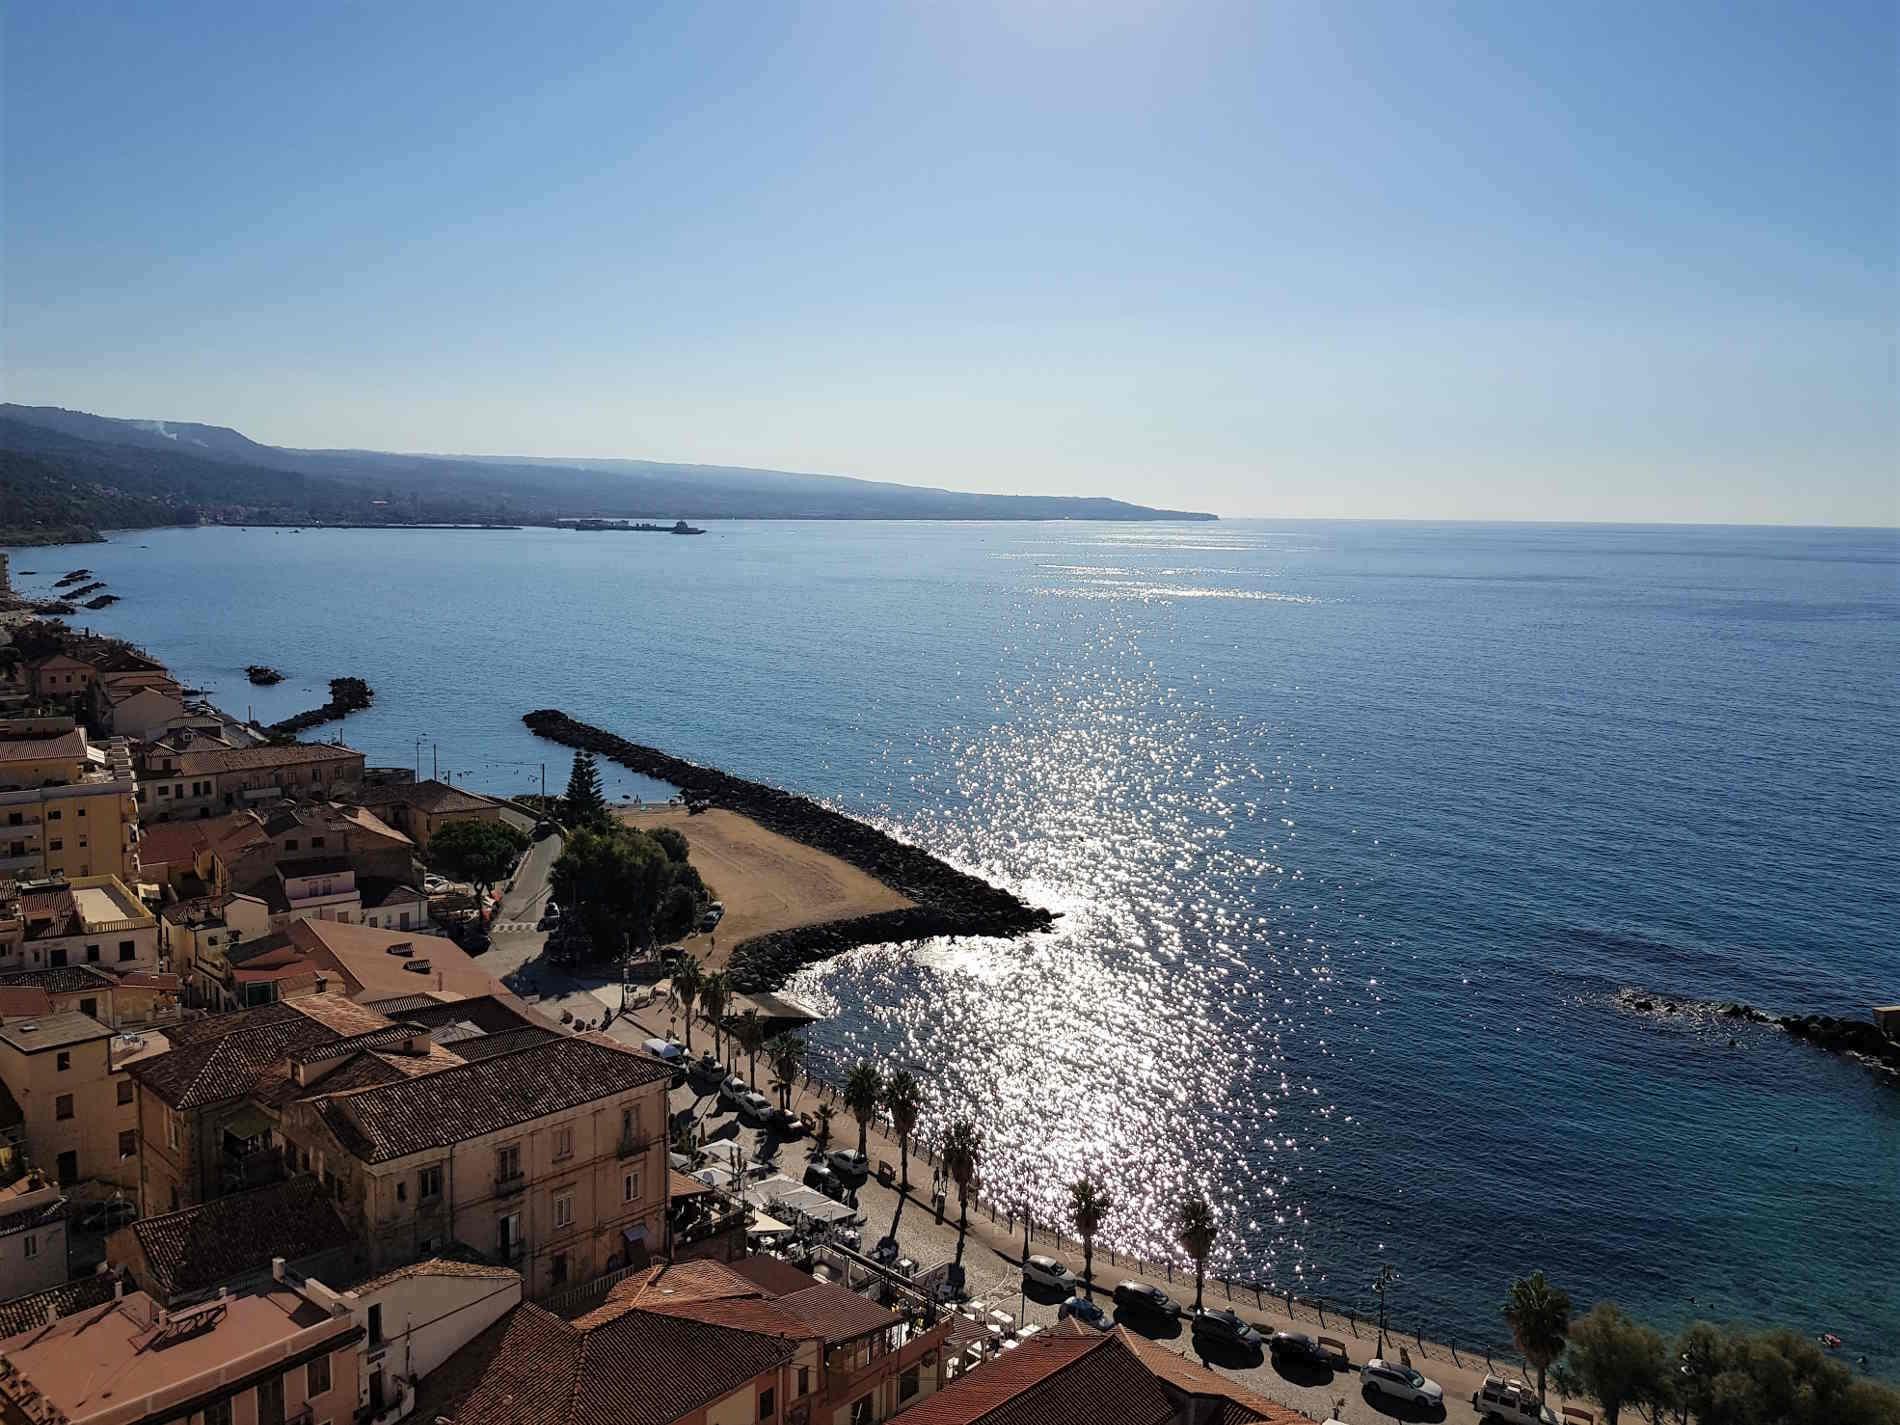 Panorami e cose da vedere a Pizzo Calabro e dintorni - spiagge e bellezza sulla Costa degli Dei